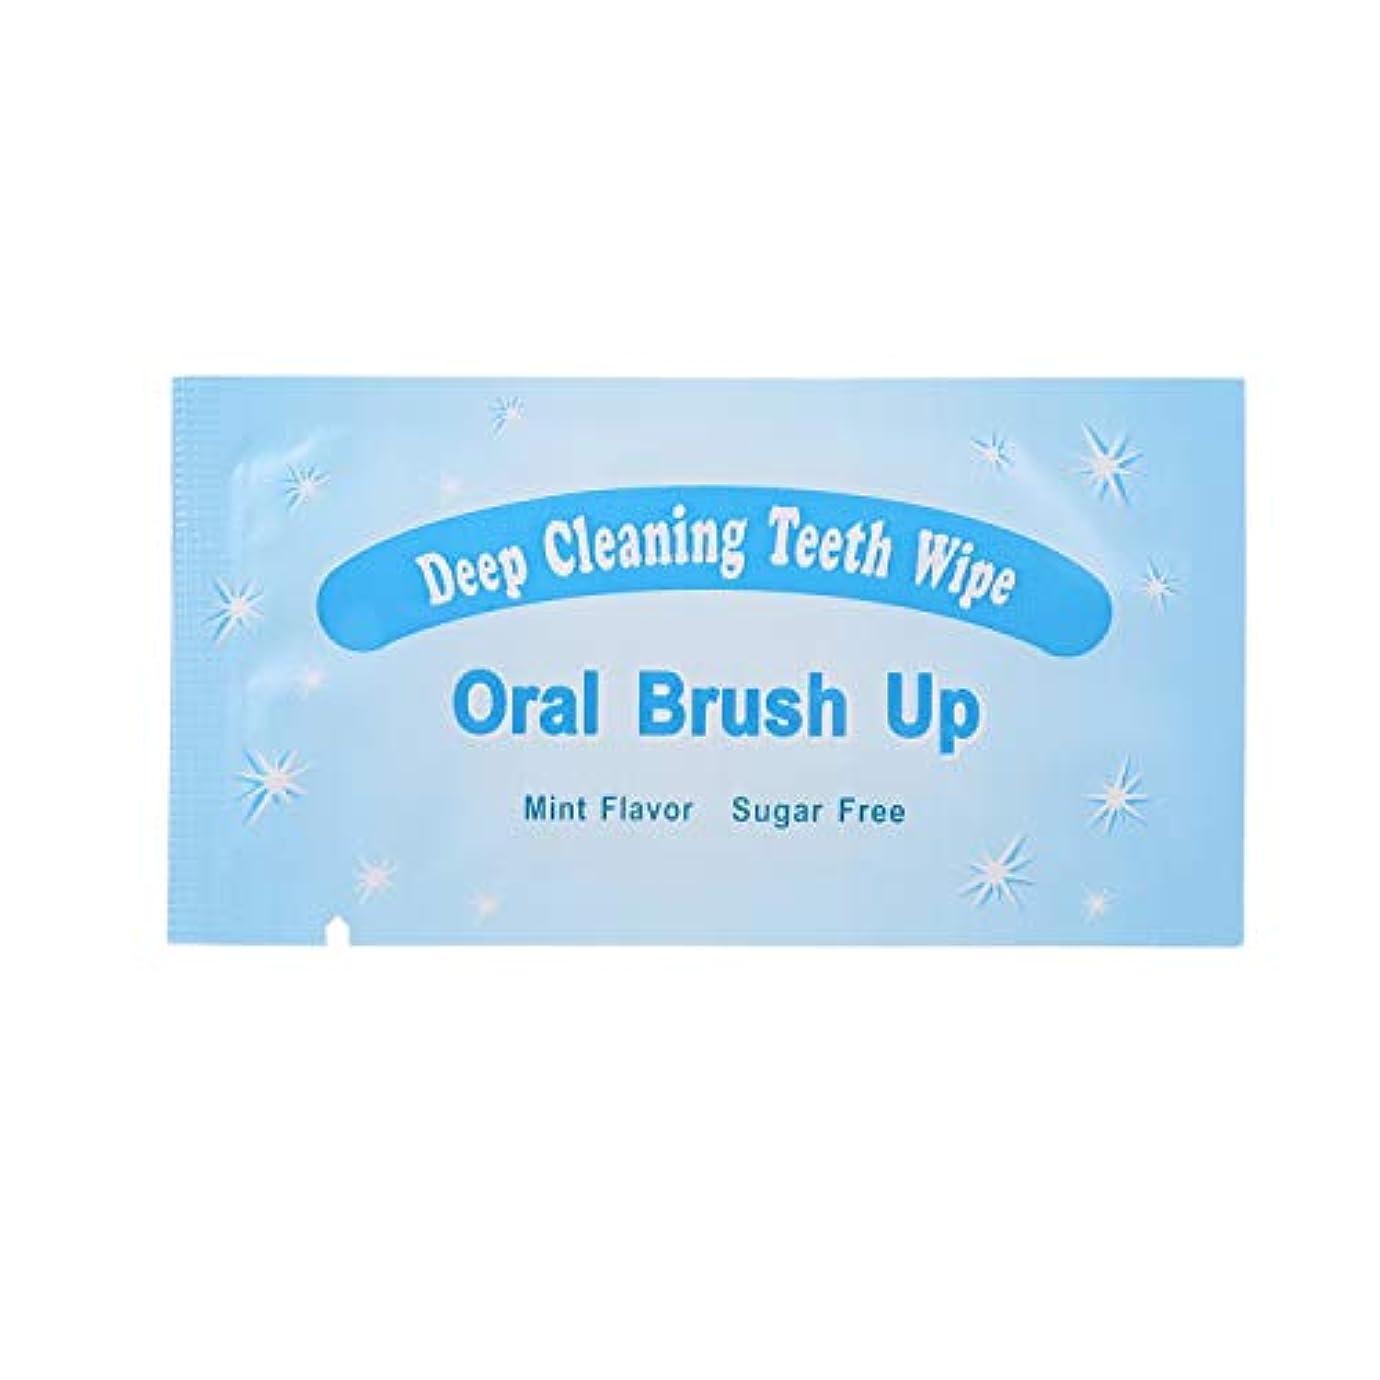 ガード熱帯の動かないDecdeal 50ピース 歯ワイプ 口腔ブラシ アップ使い捨て歯科ディープクレンジング指歯ワイプ新鮮な息ミント風味歯ホワイトニングストリップオーラルケア